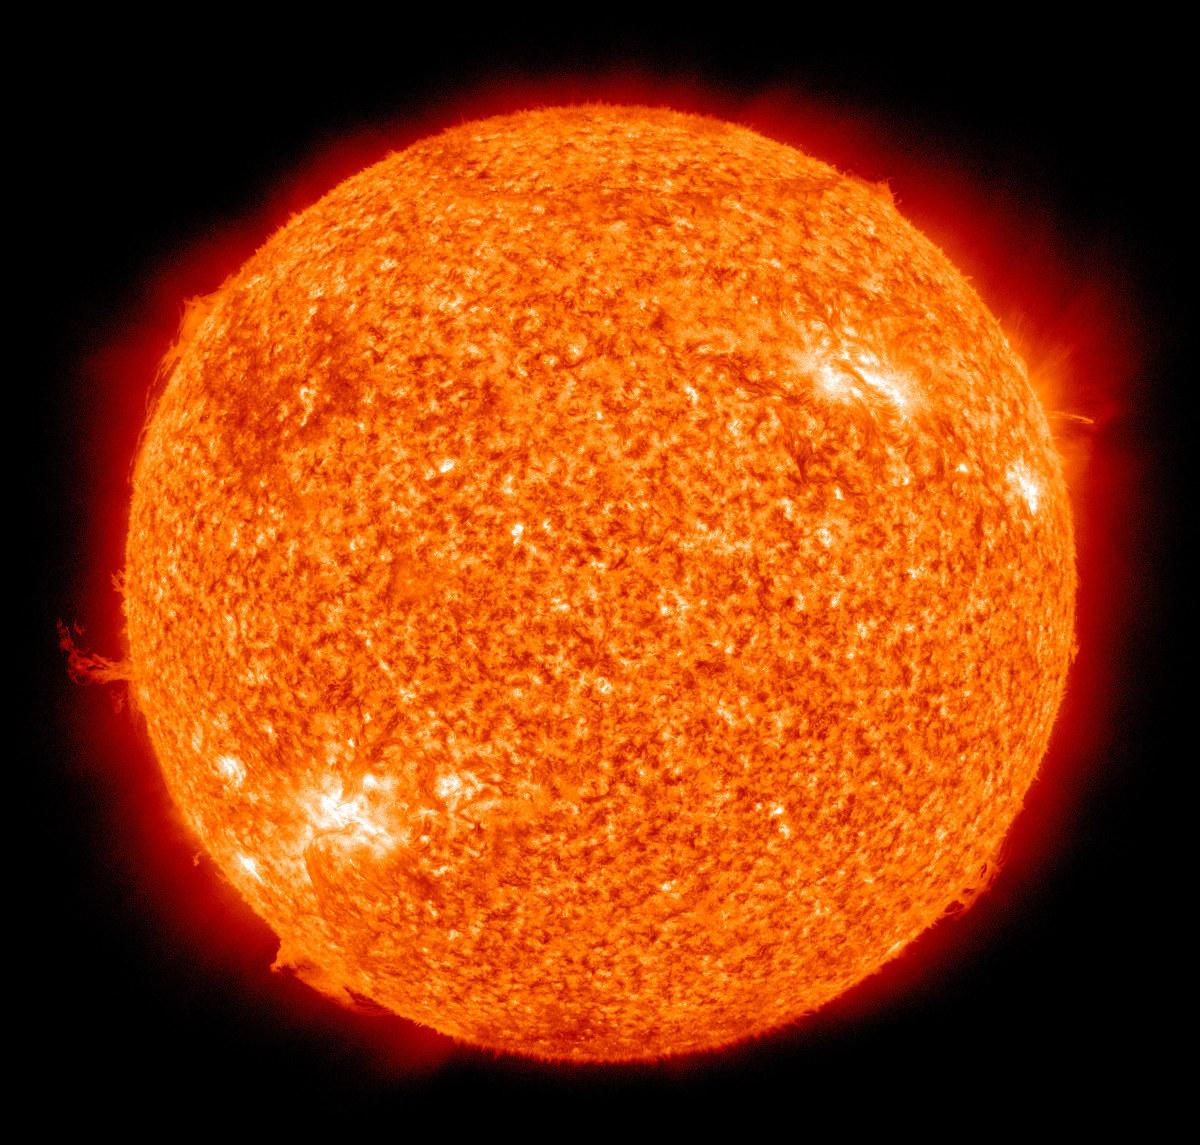 ดวงอาทิตย์ซึ่งใช้แหล่งพลังงานจากปฏิกิริยานิวเคลียร์ฟิวชัน (NASA/SDO (AIA) - http://sdo.gsfc.nasa.gov/assets/img/browse/2010/08/19/20100819_003221_4096_0304.jpg)